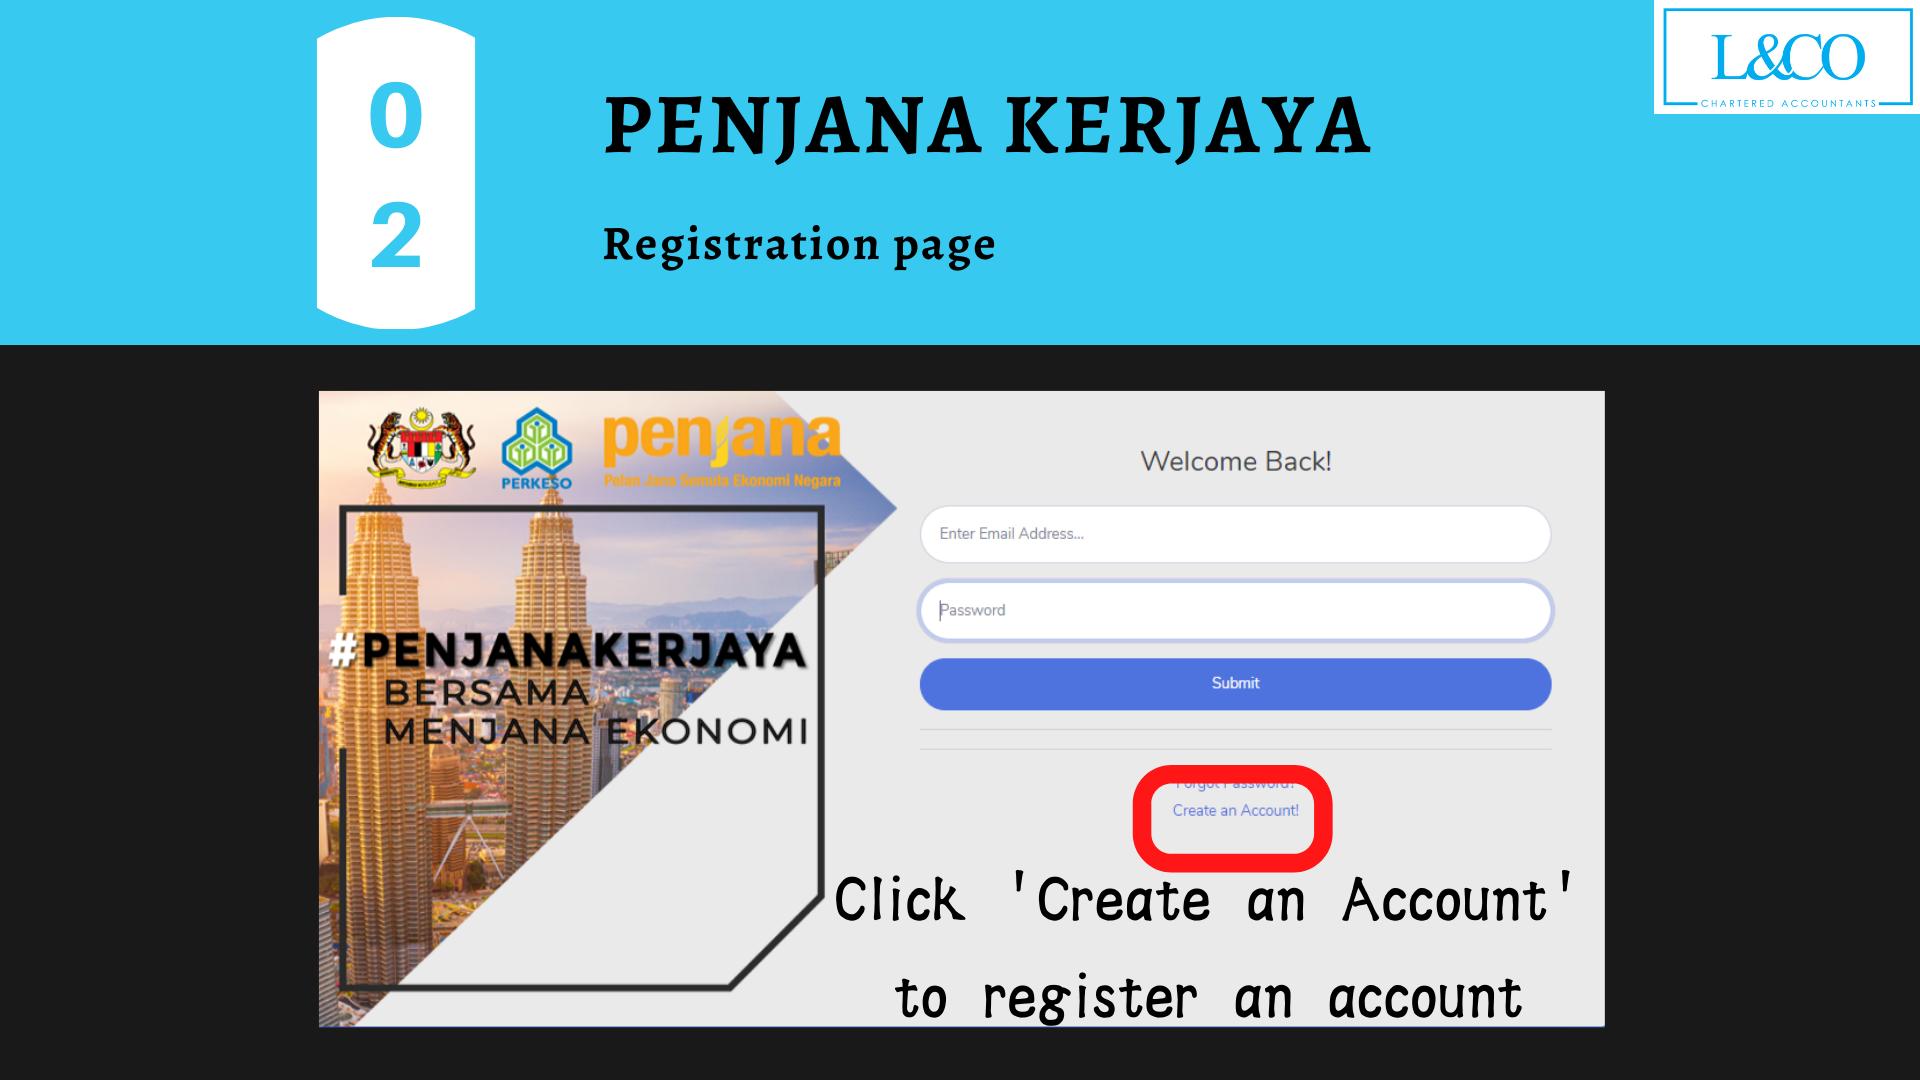 Penjana Kerjaya create account